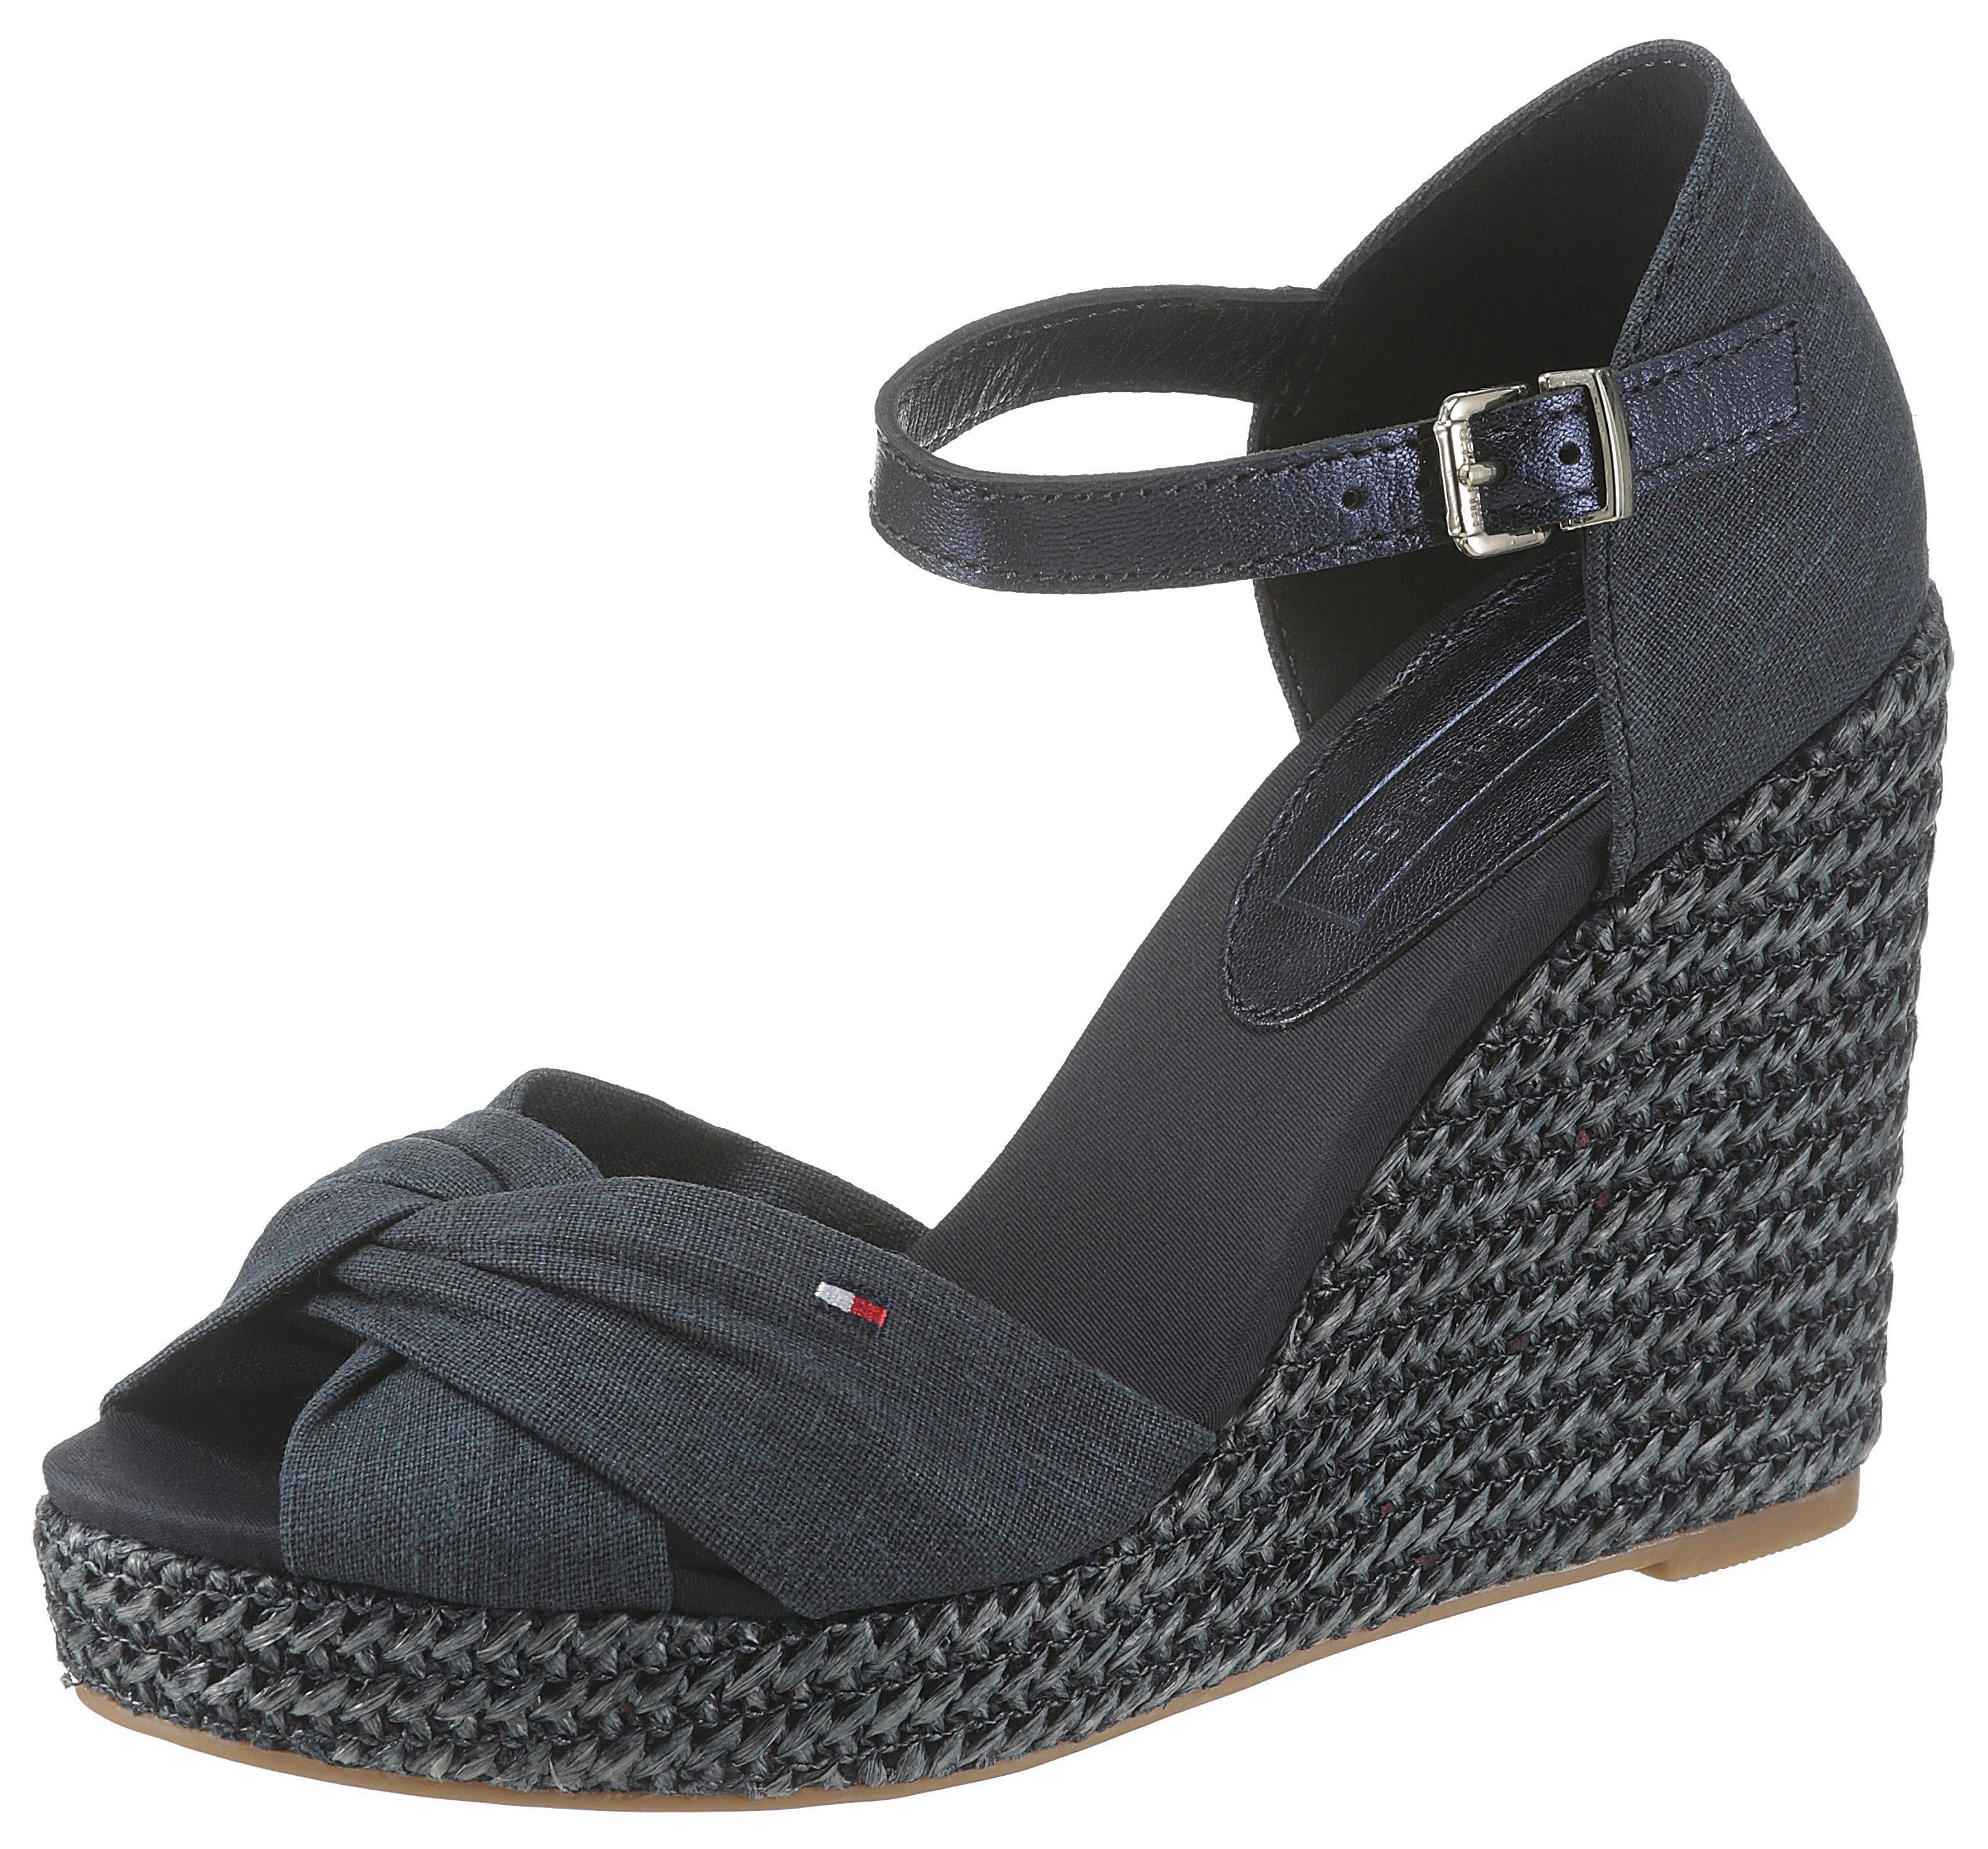 TOMMY HILFIGER »Elena 56« Sandalette mit schöner Logostickerei online kaufen | OTTO